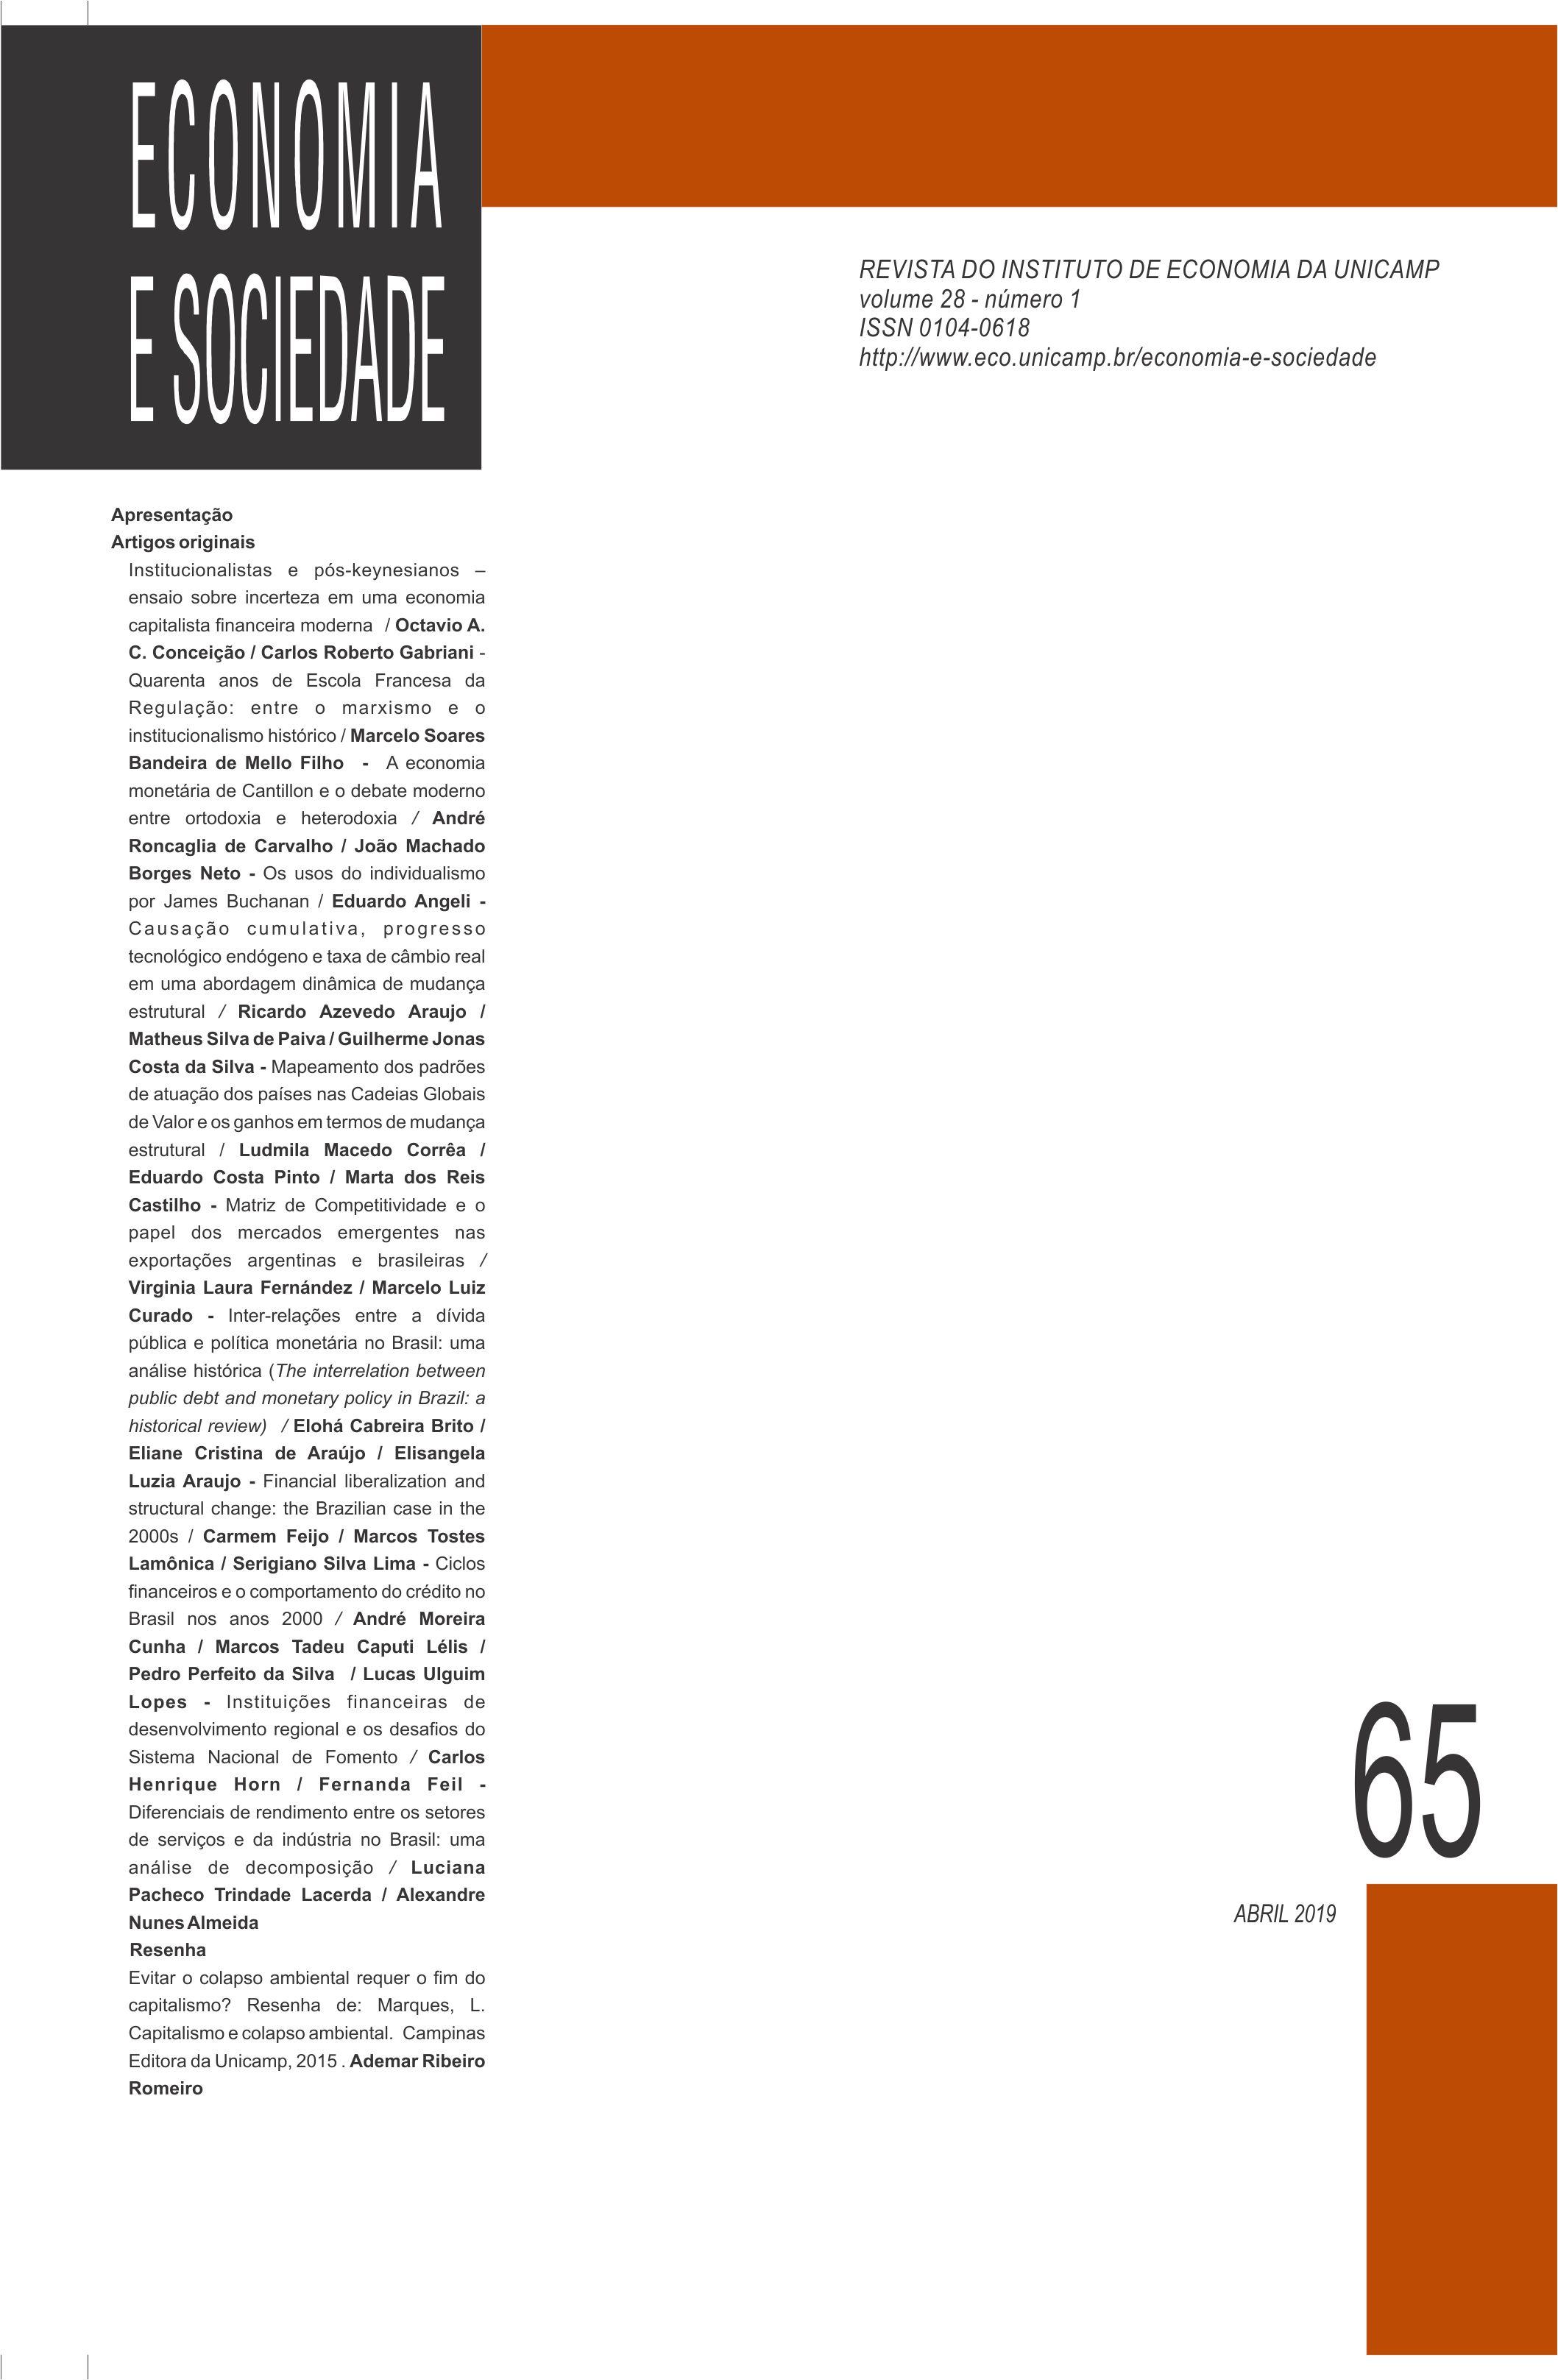 Vol. 28, N. 1 (65), p. 1-289, abr. (2019)